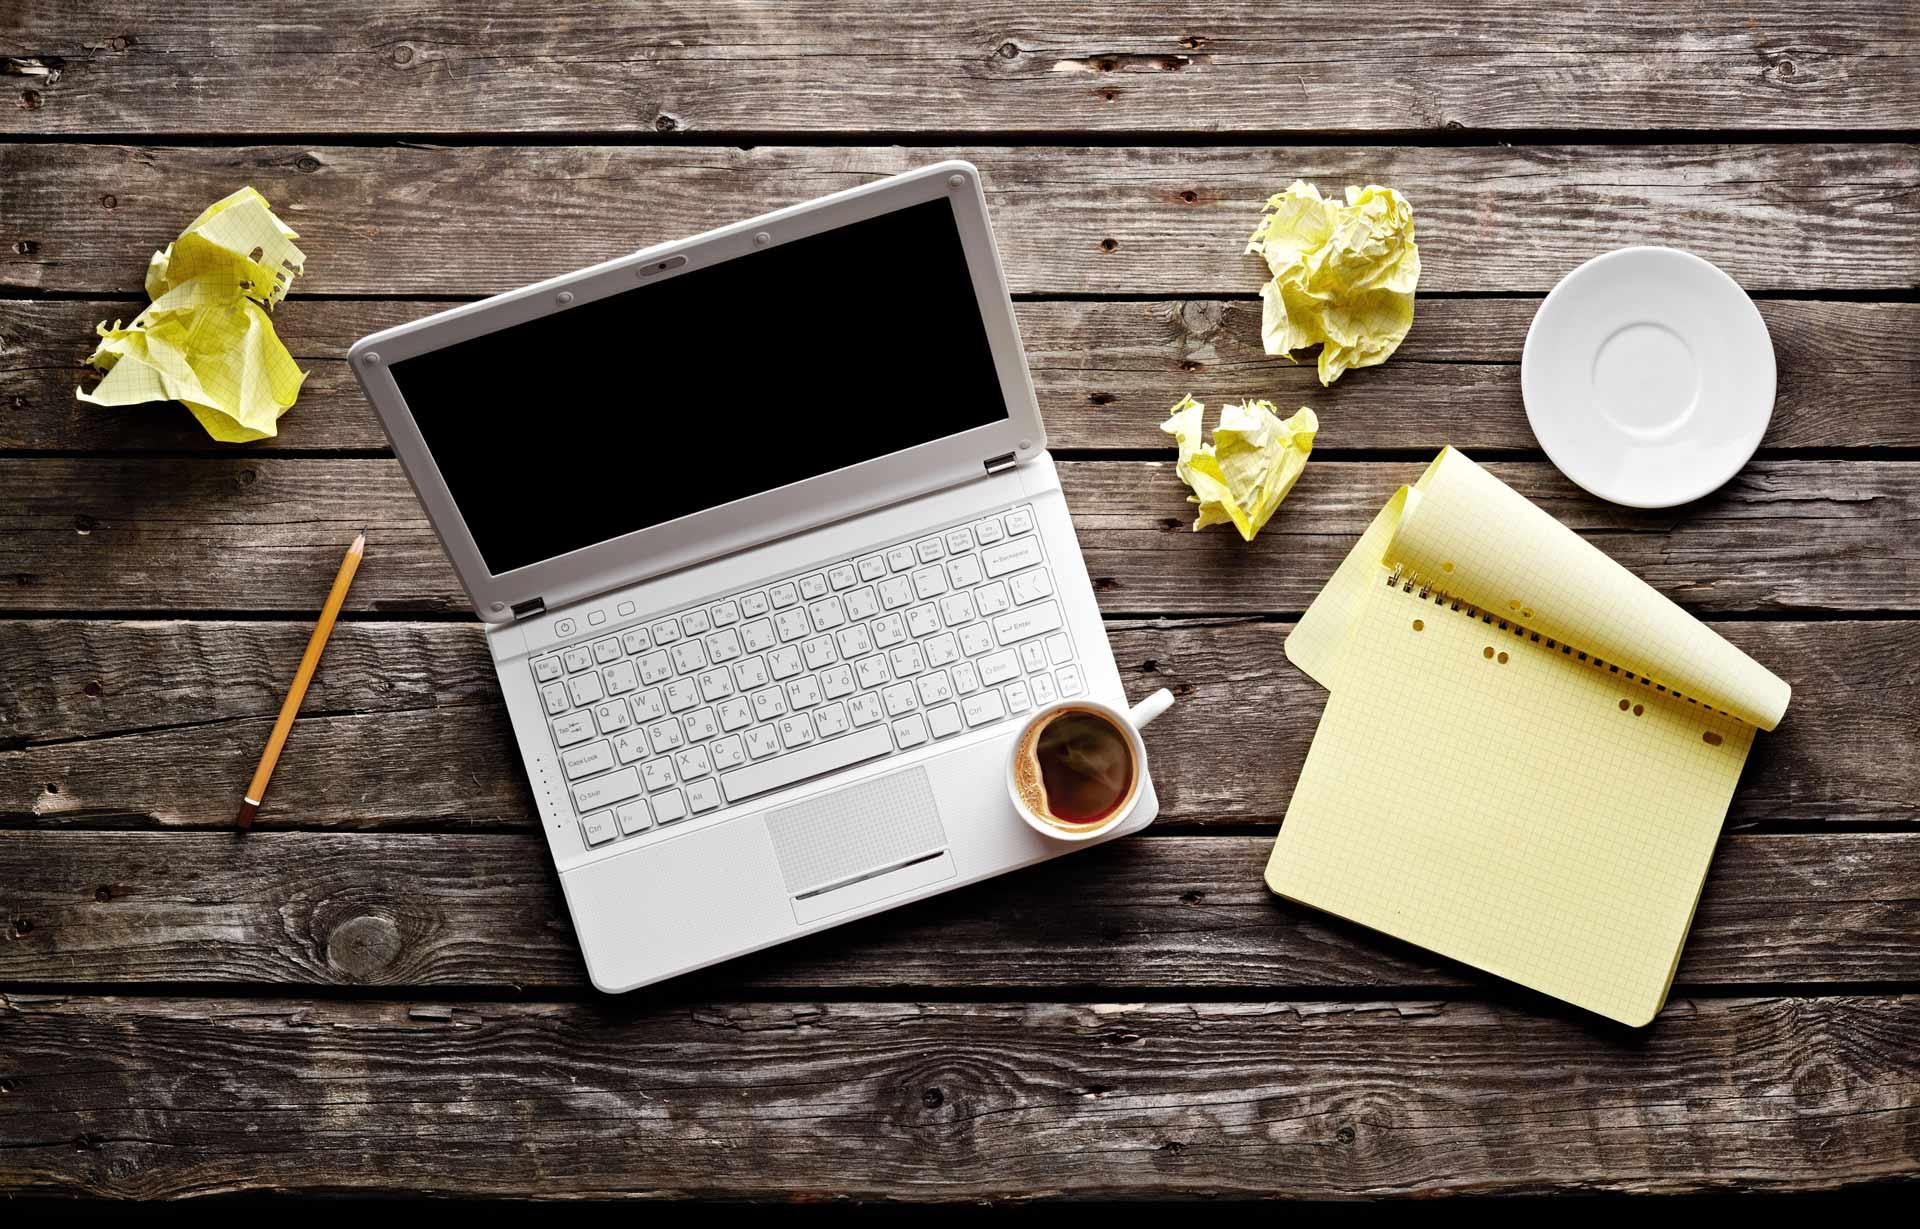 Scrittura all'epoca del digitale